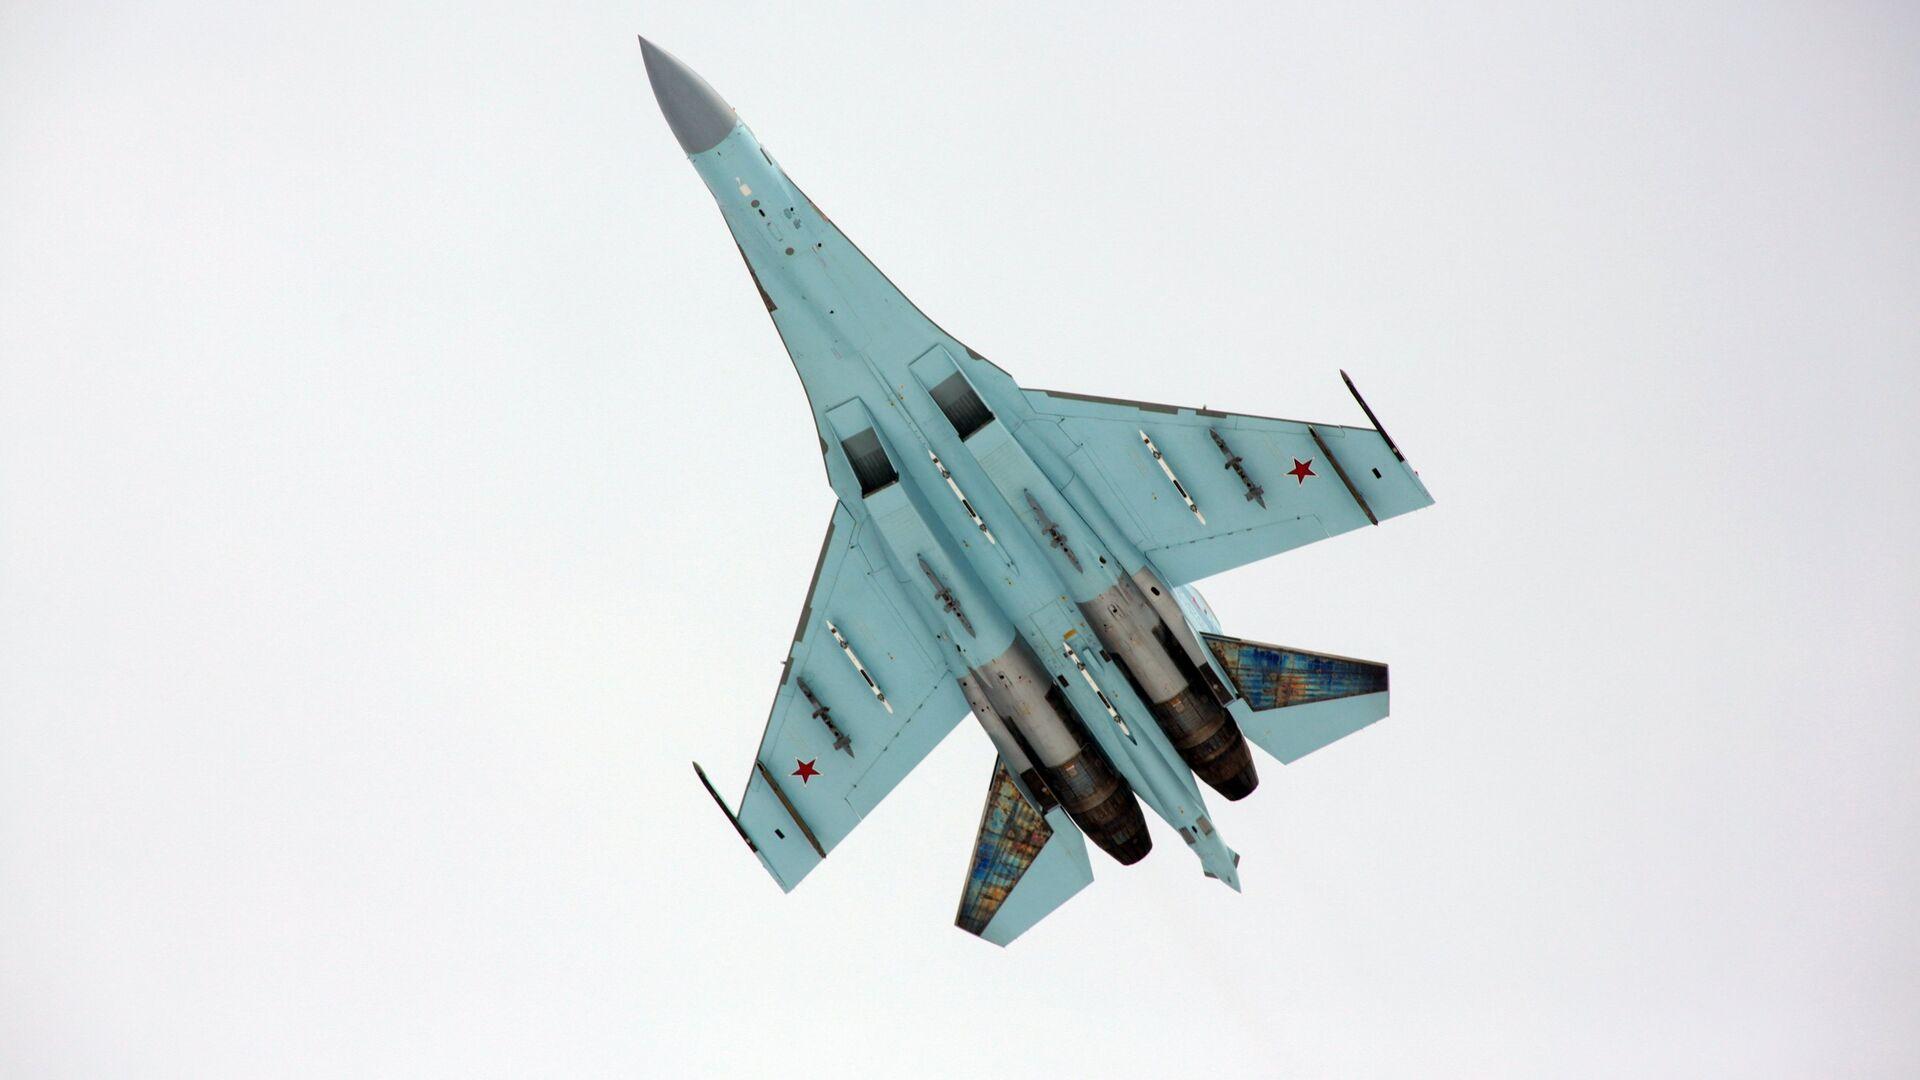 Многоцелевой истребитель Су-27 - РИА Новости, 1920, 25.09.2020